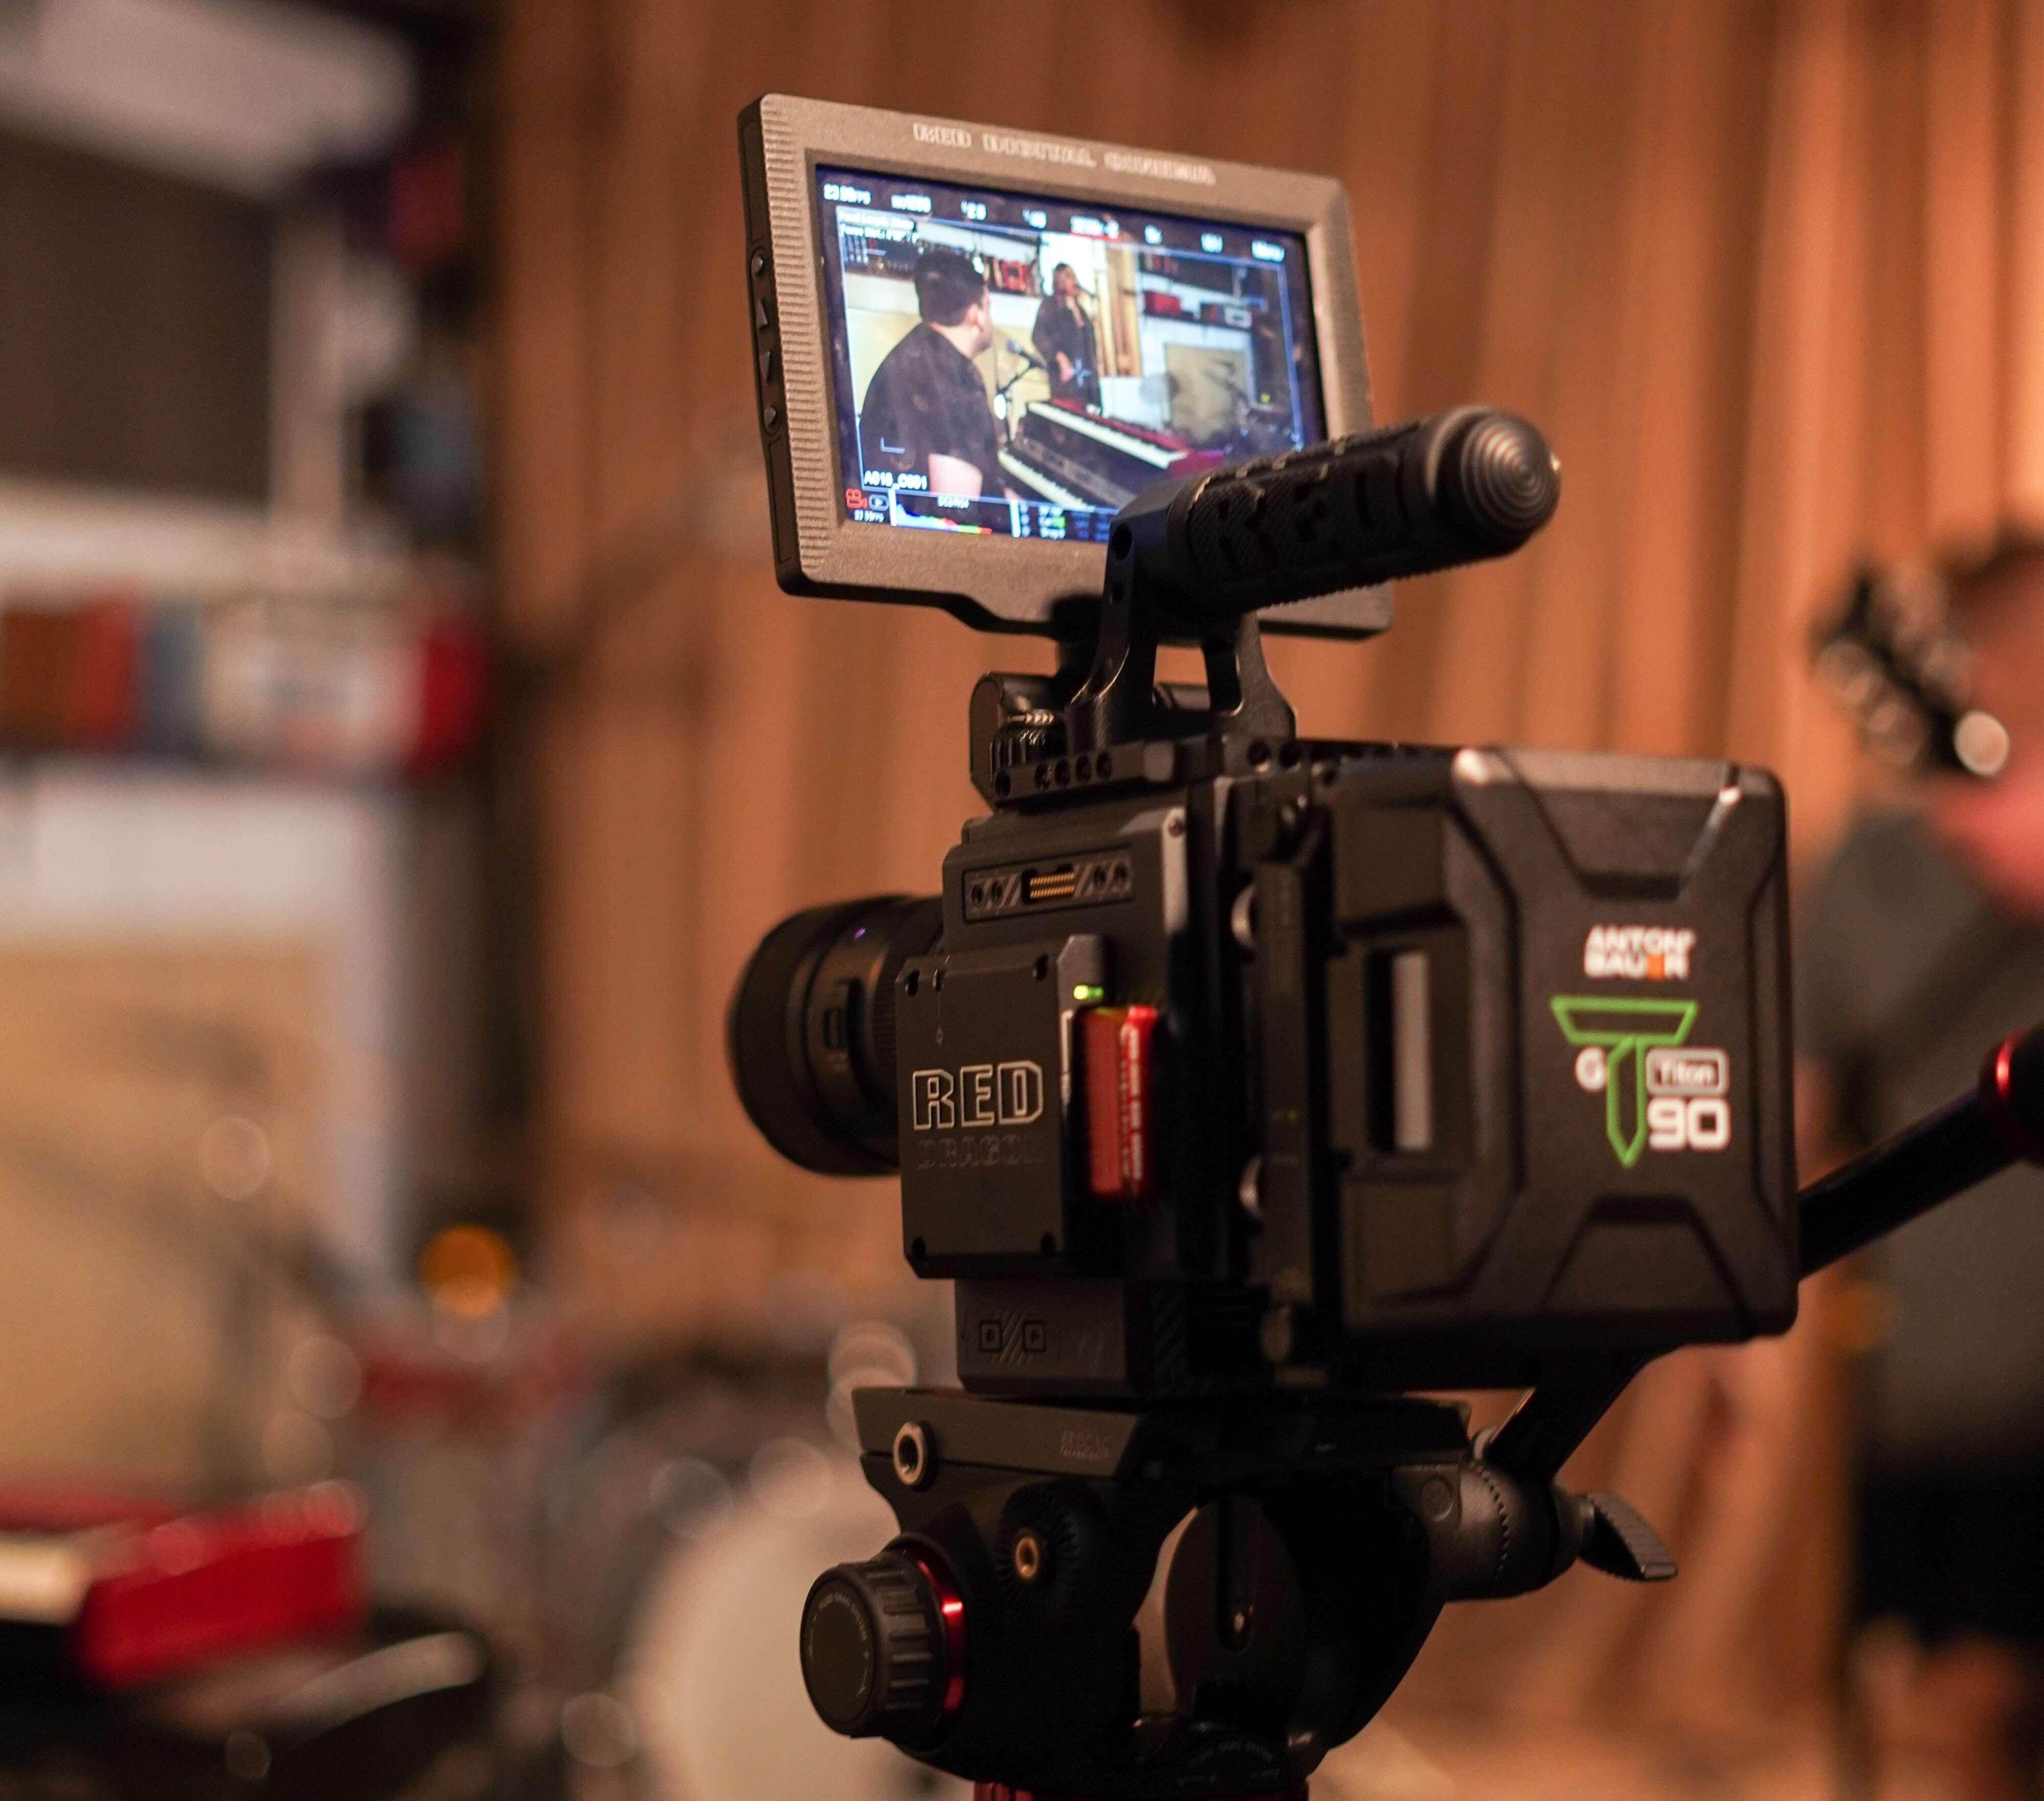 おすすめのビデオモニター9選 一眼レフ・ビデオカメラの外部モニター